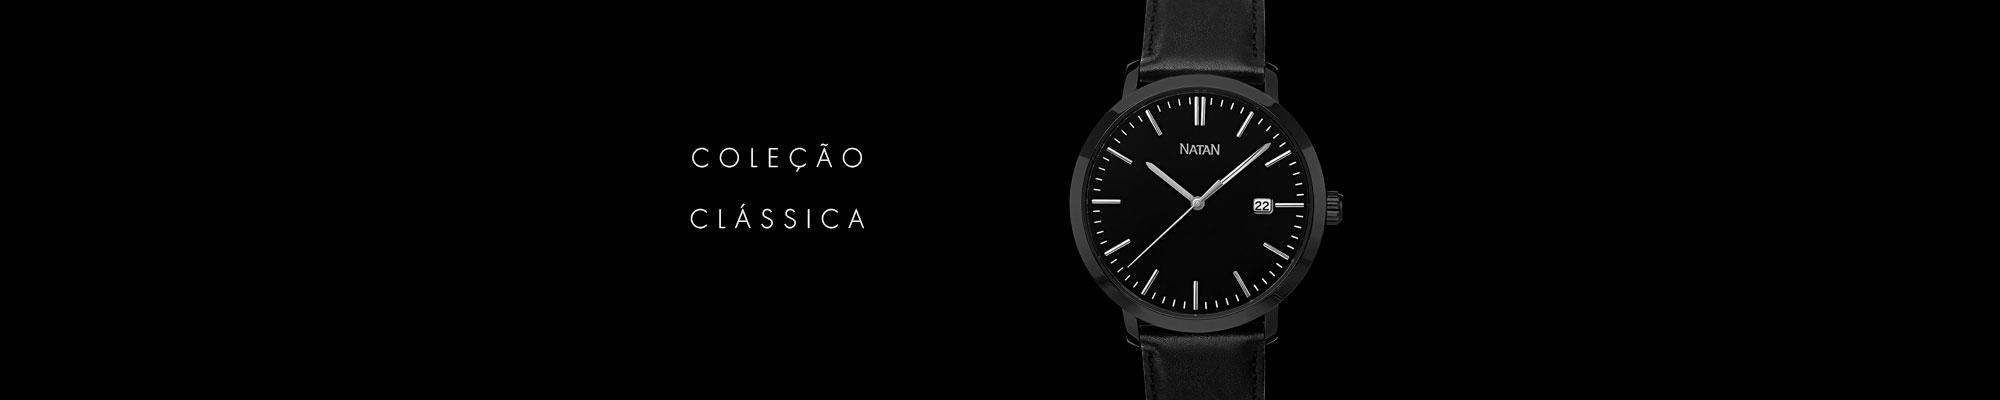 Relógios Natan coleção Linha Clássica